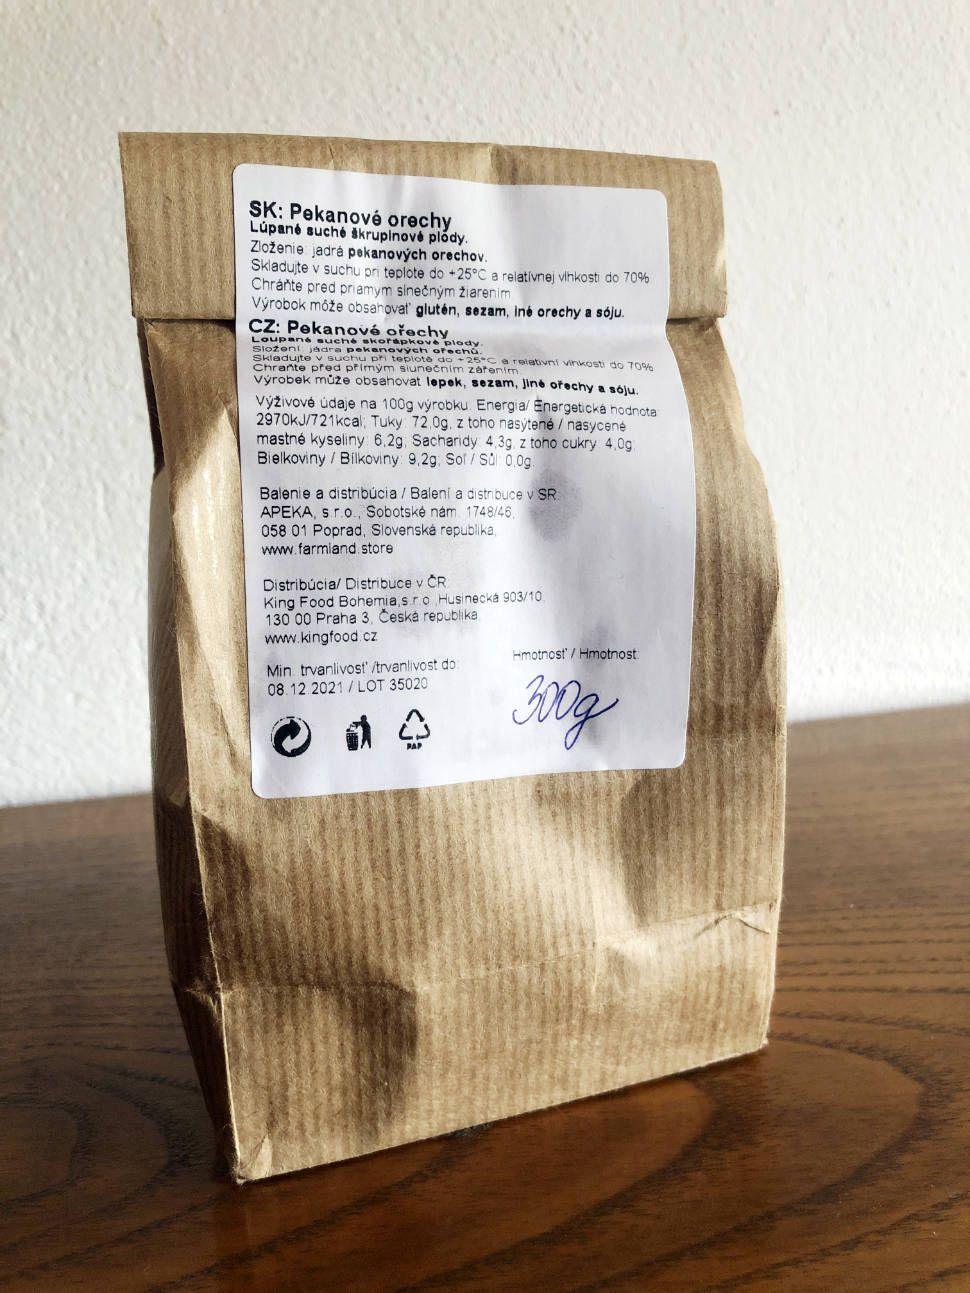 Pekanove orechy bez obalu - z eshopu Nutiva v papierovom vrecku